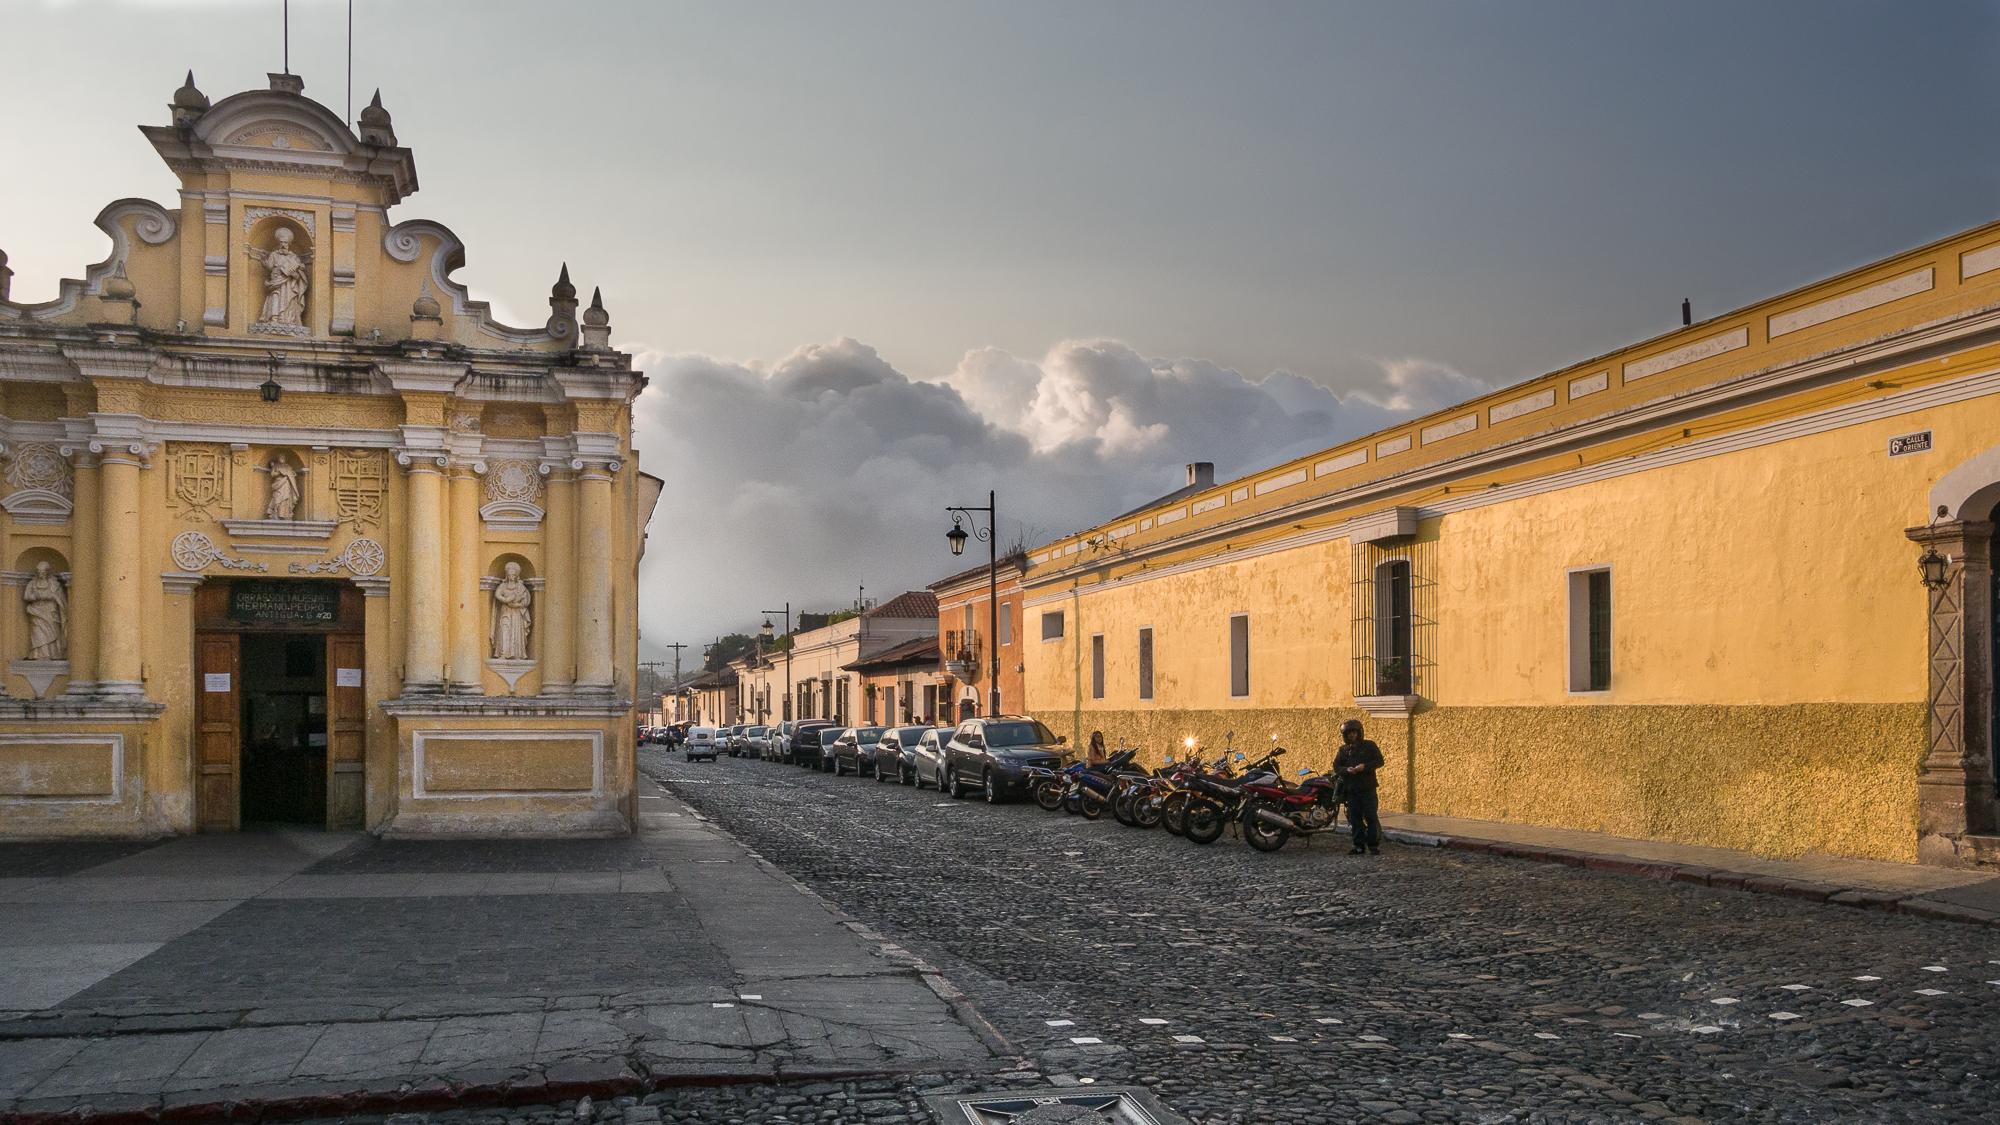 capilla nuestra señora de Belén, Guatemala